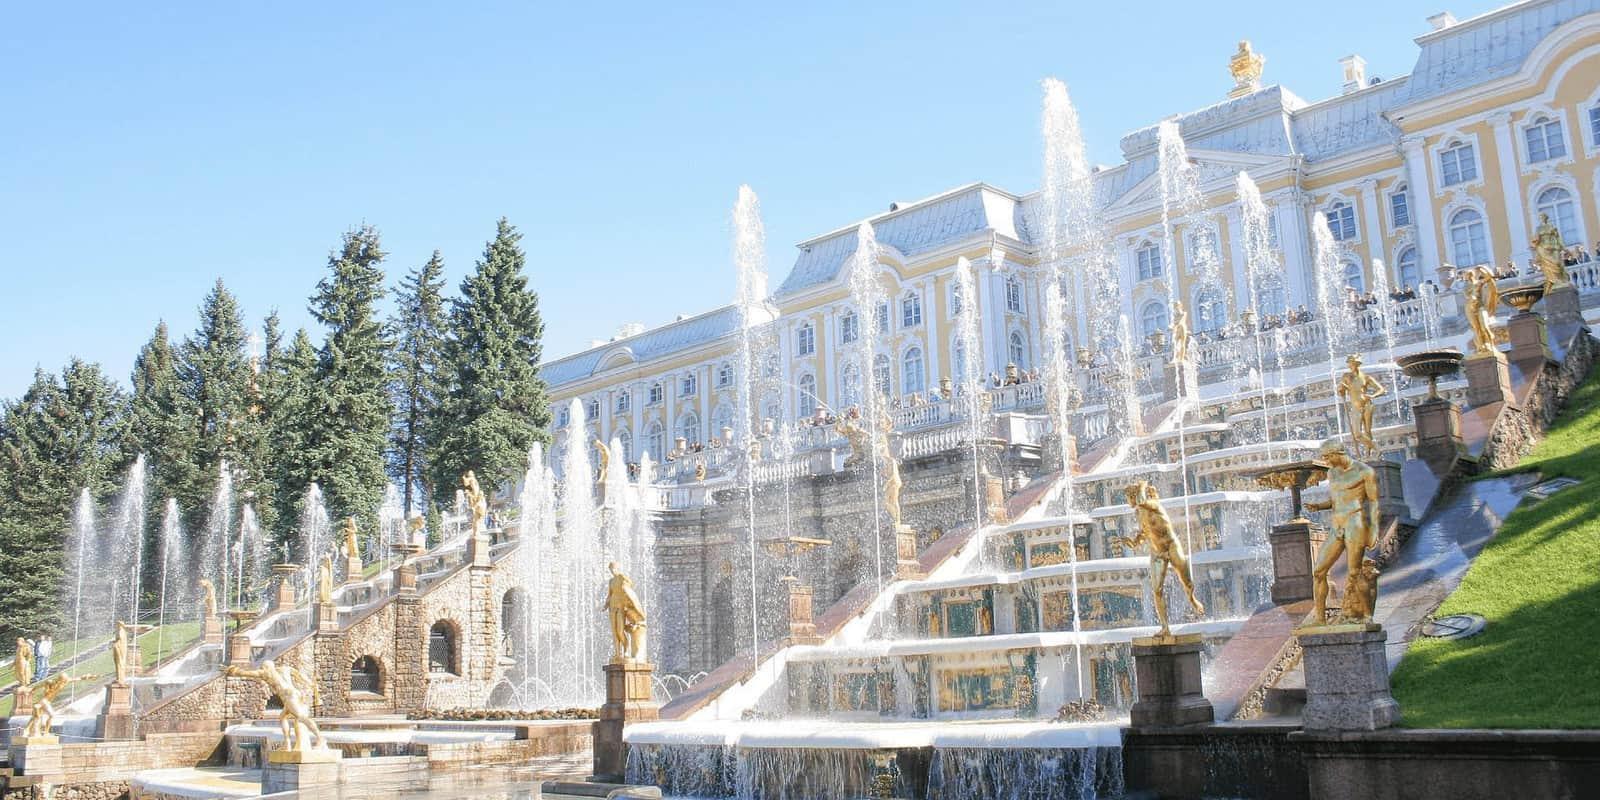 Đài phun nước ở cung điện Nga